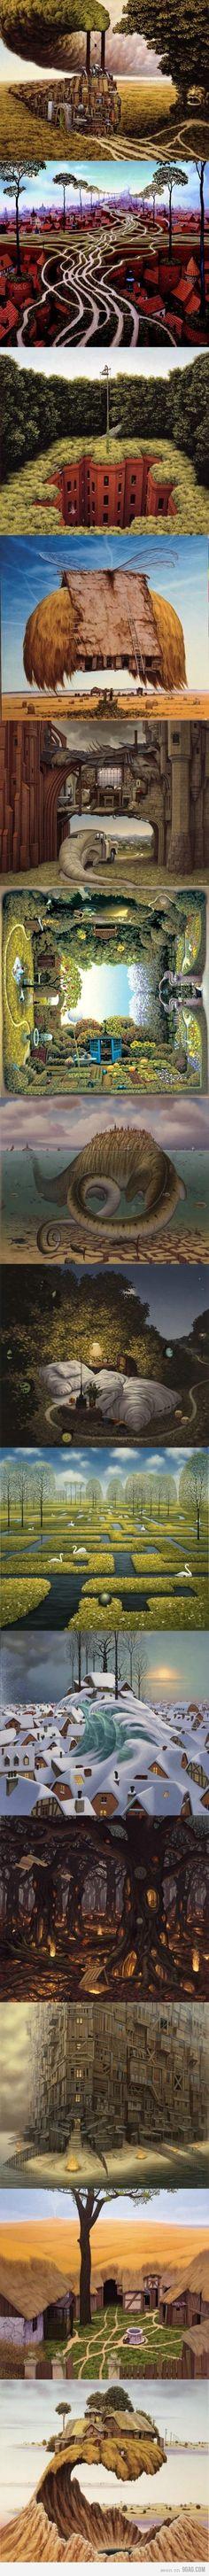 L'artiste Jacek Yerka n'a pas son pareil pour réaliser des tableaux où fourmillent, dans une certaine harmonie, une multitude de détails . A mi-chemin entre le surréalisme et le réalisme magique, son travail évoque les travaux de ses emblématiques successeurs, tels que Dali, Magritte ou Arcimboldo (ce dernier ayant lui-même inspiré les deux précédents).